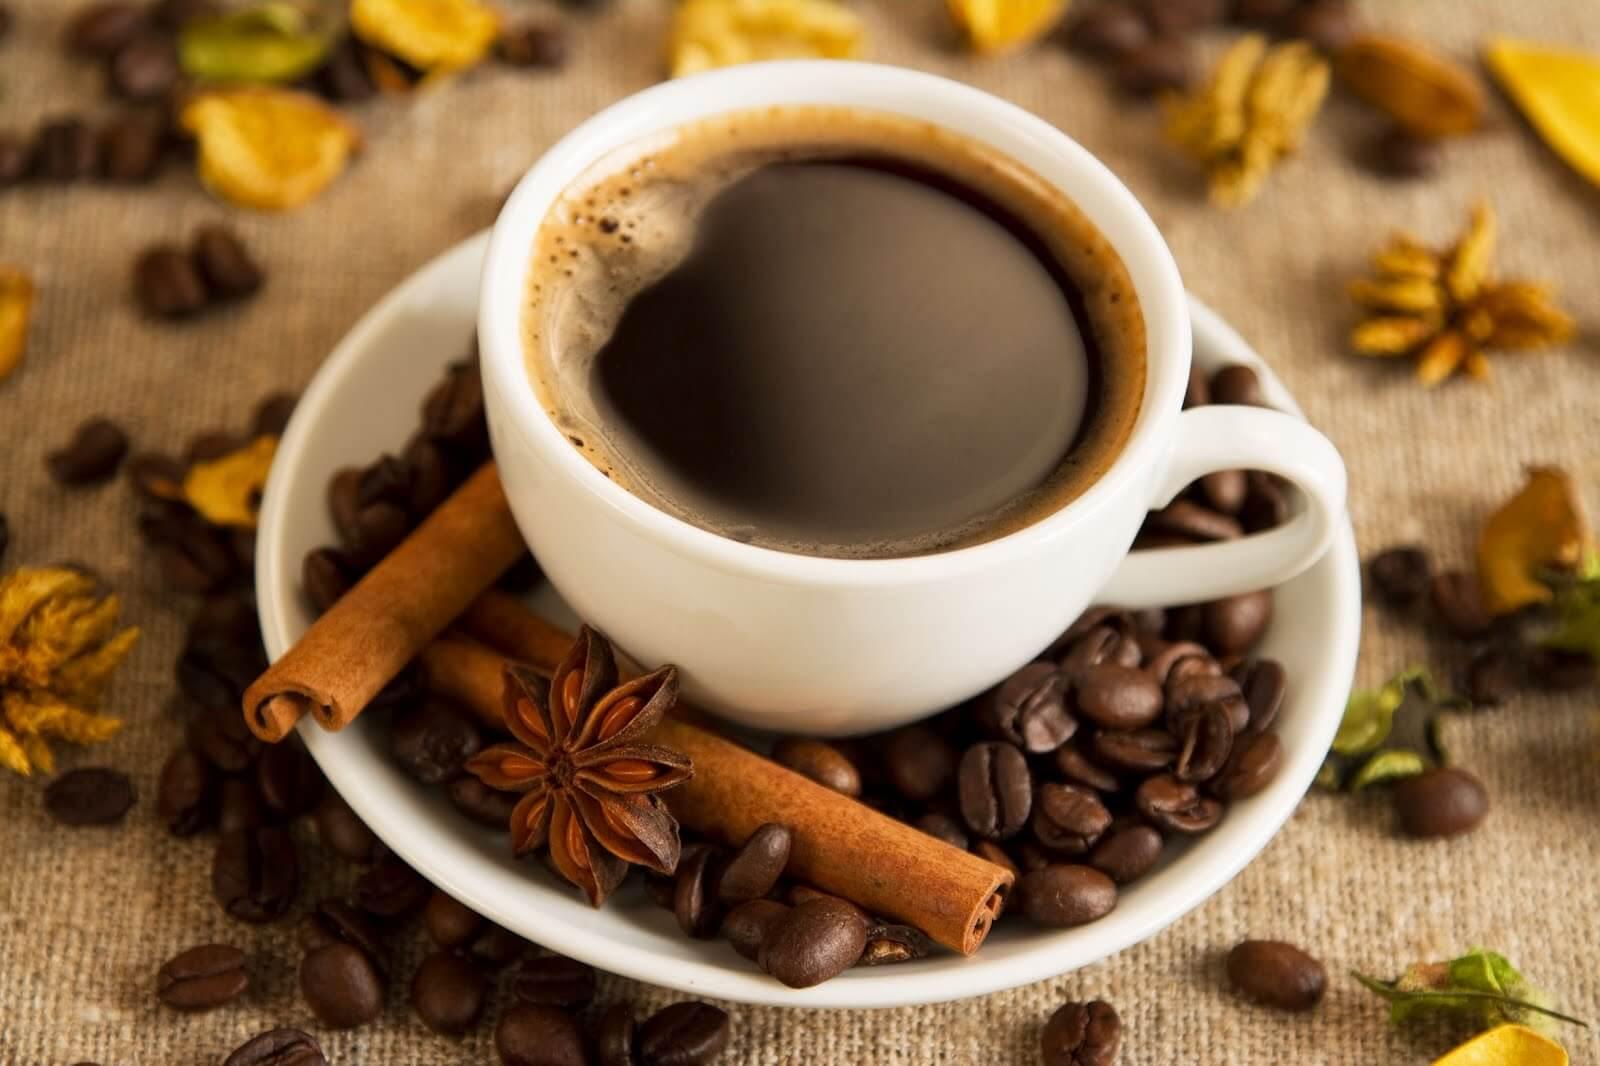 ¿Sirve el café para mejorar nuestro rendimiento mental?